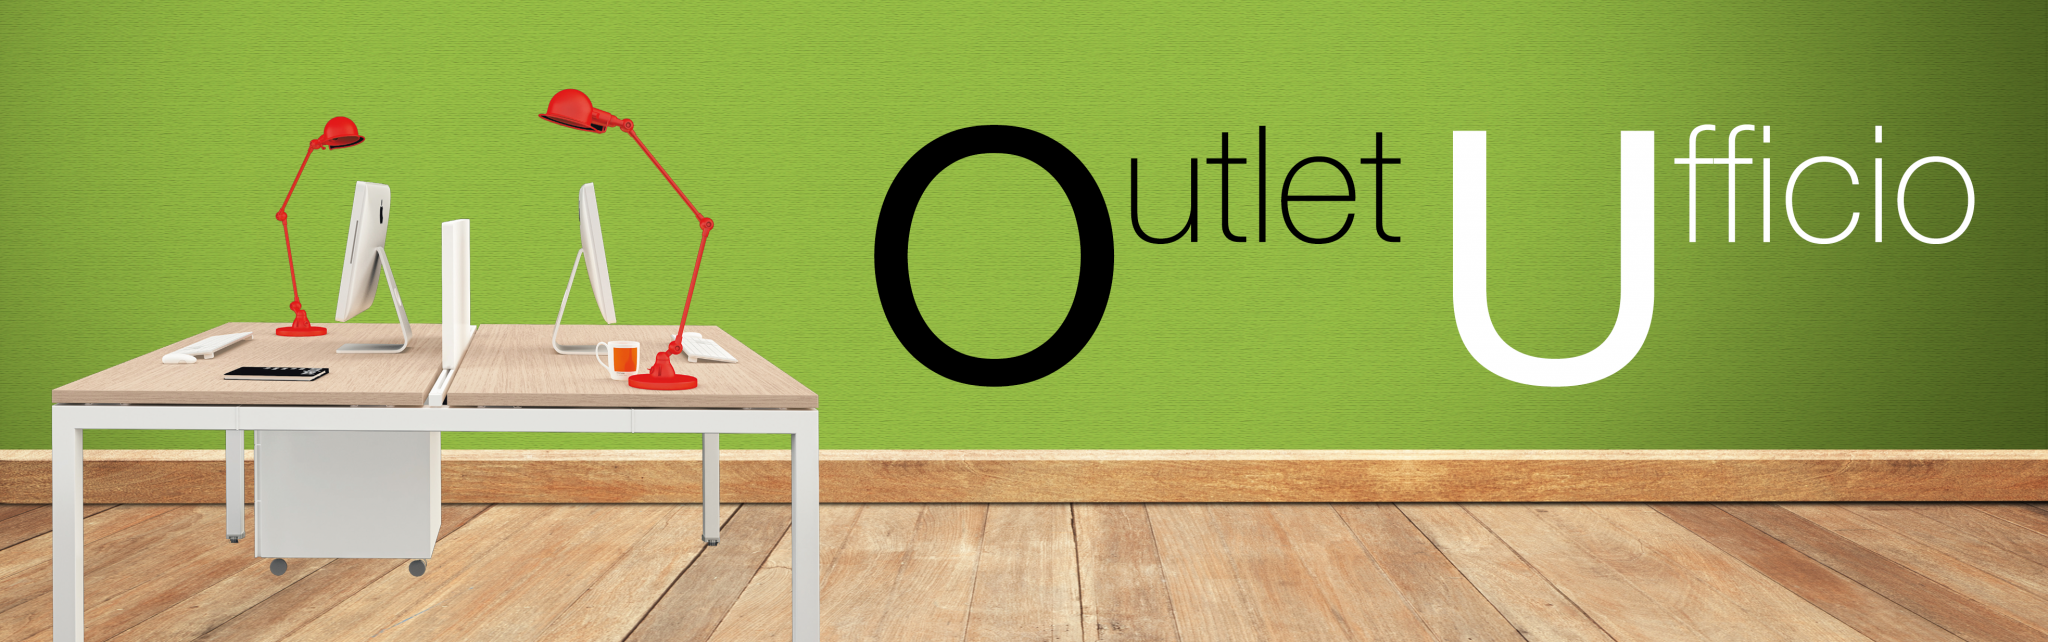 Outlet ufficio salone ufficio for Outlet ufficio